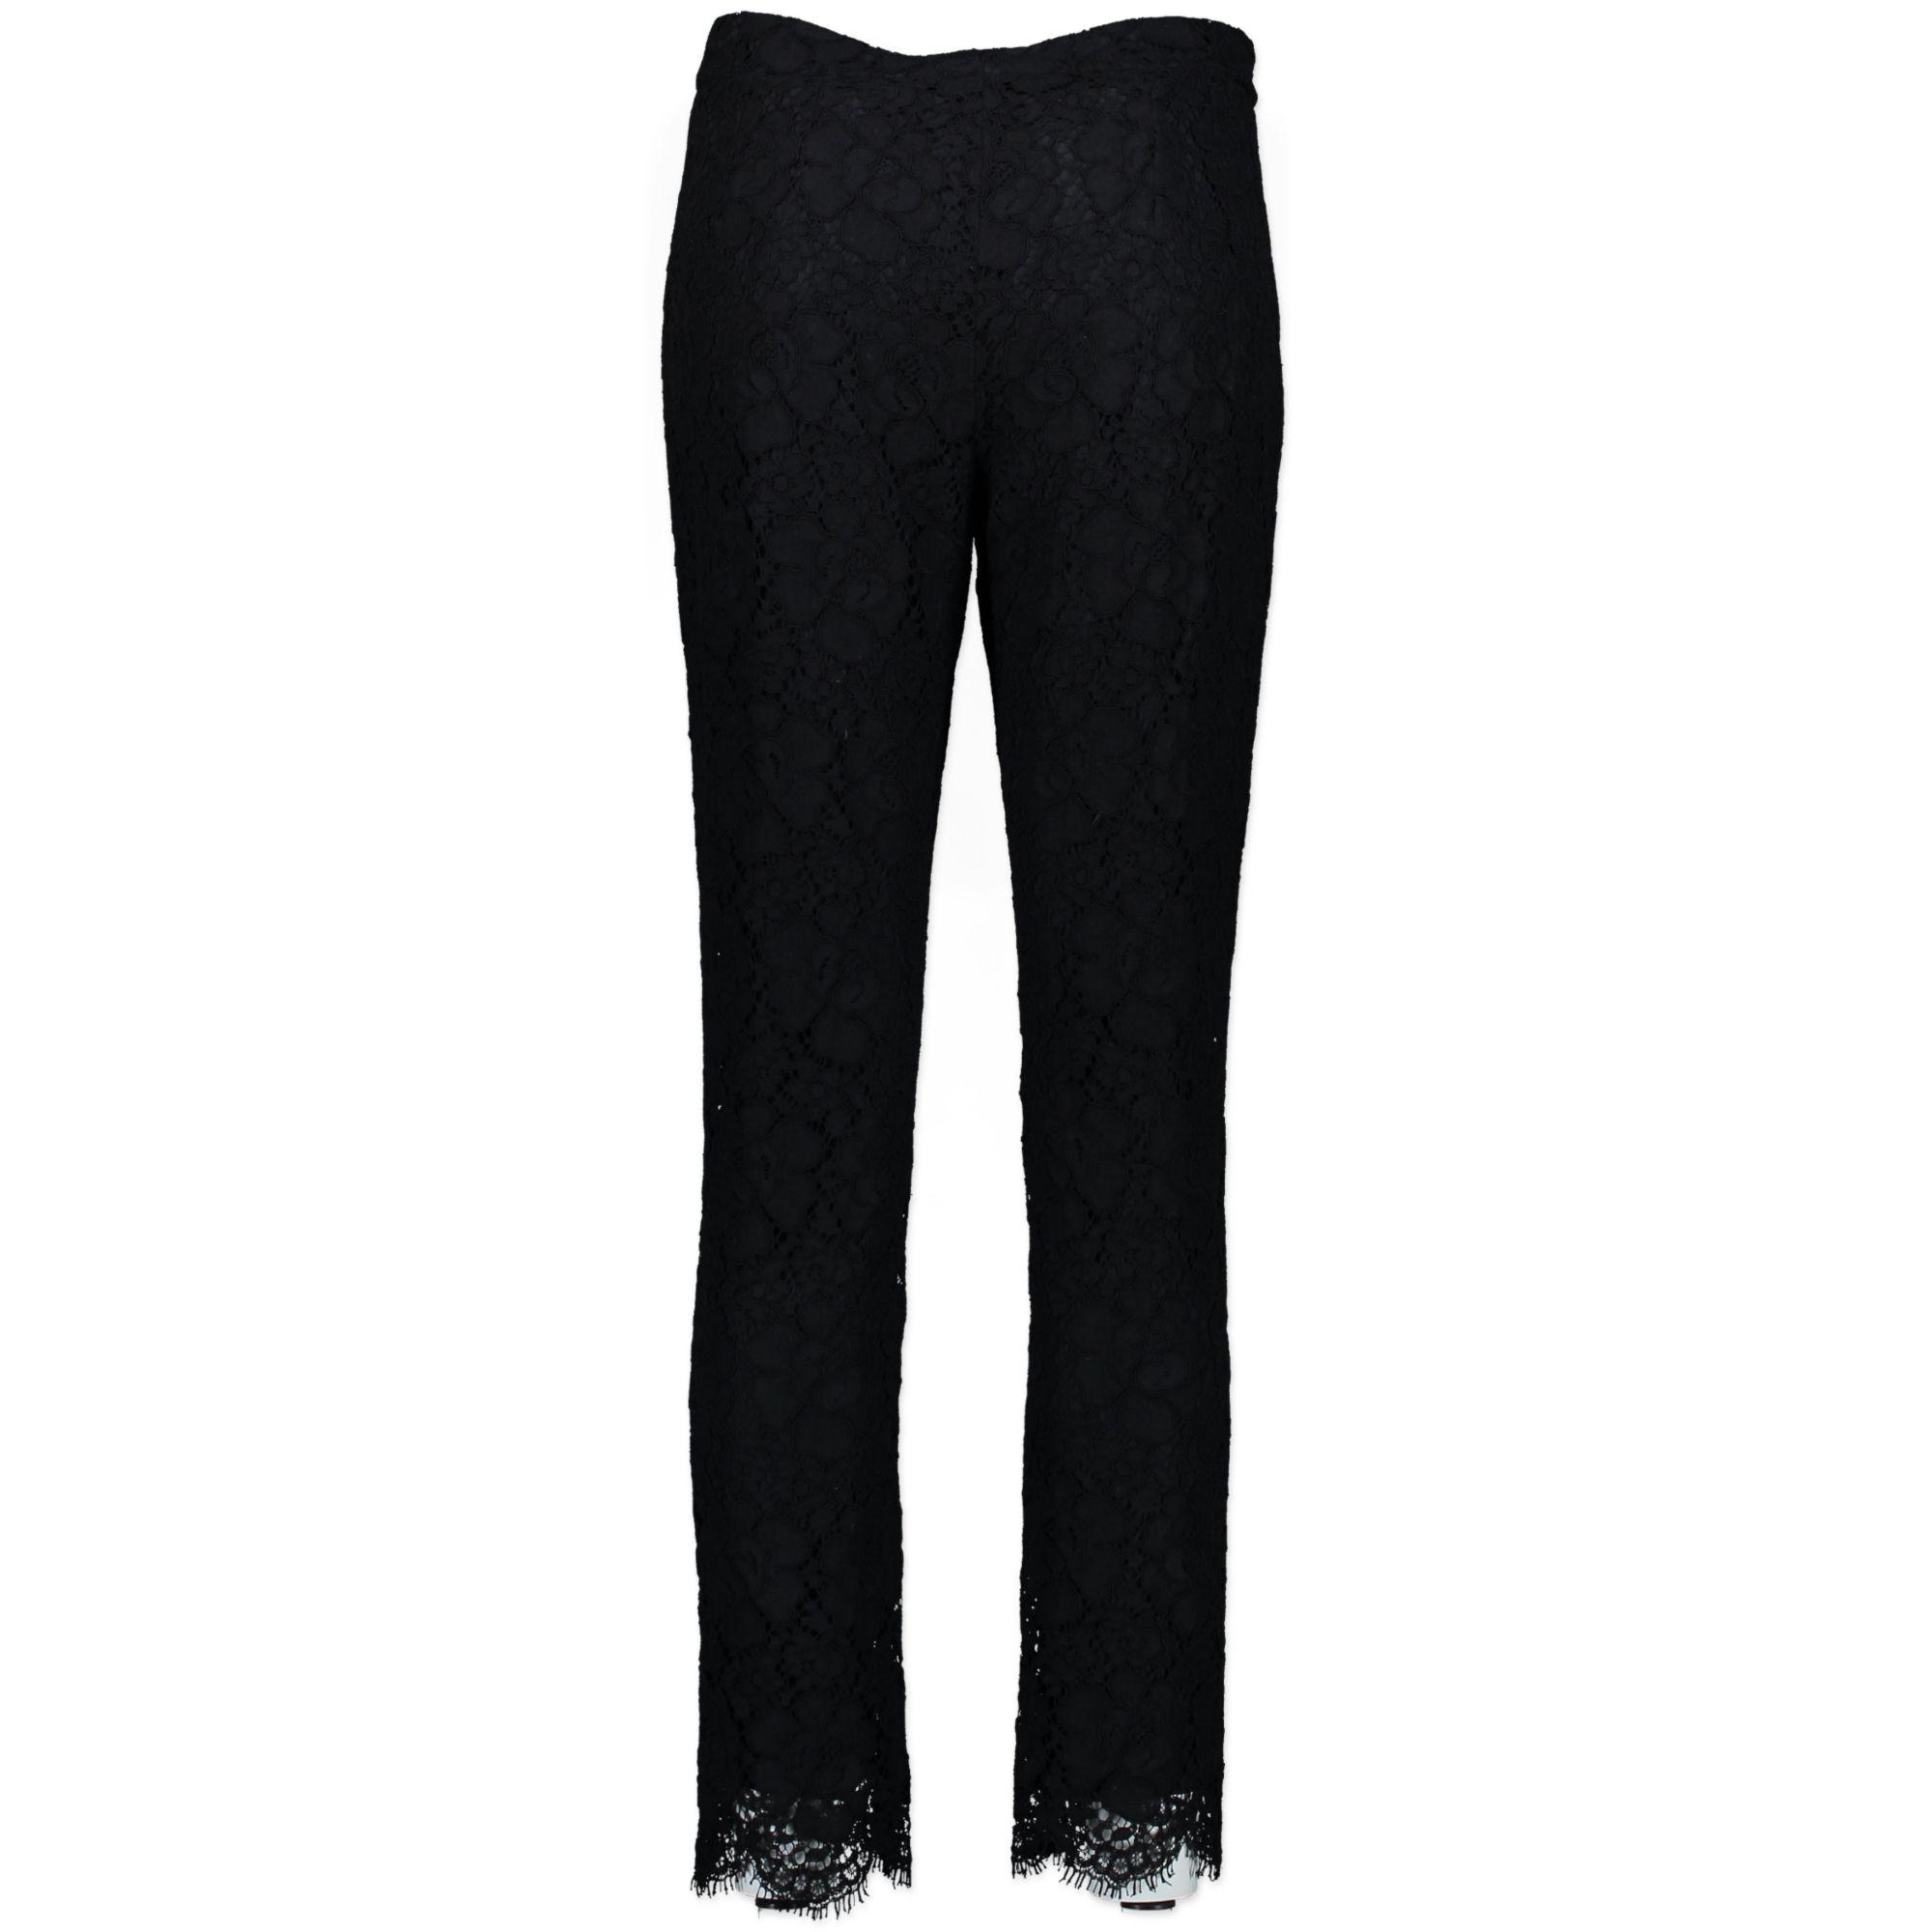 Koop authentieke tweedehands Dolce & Gabbana broek voor de juiste prijs bij Labellov designer vintage webshop. Veilig online shoppen